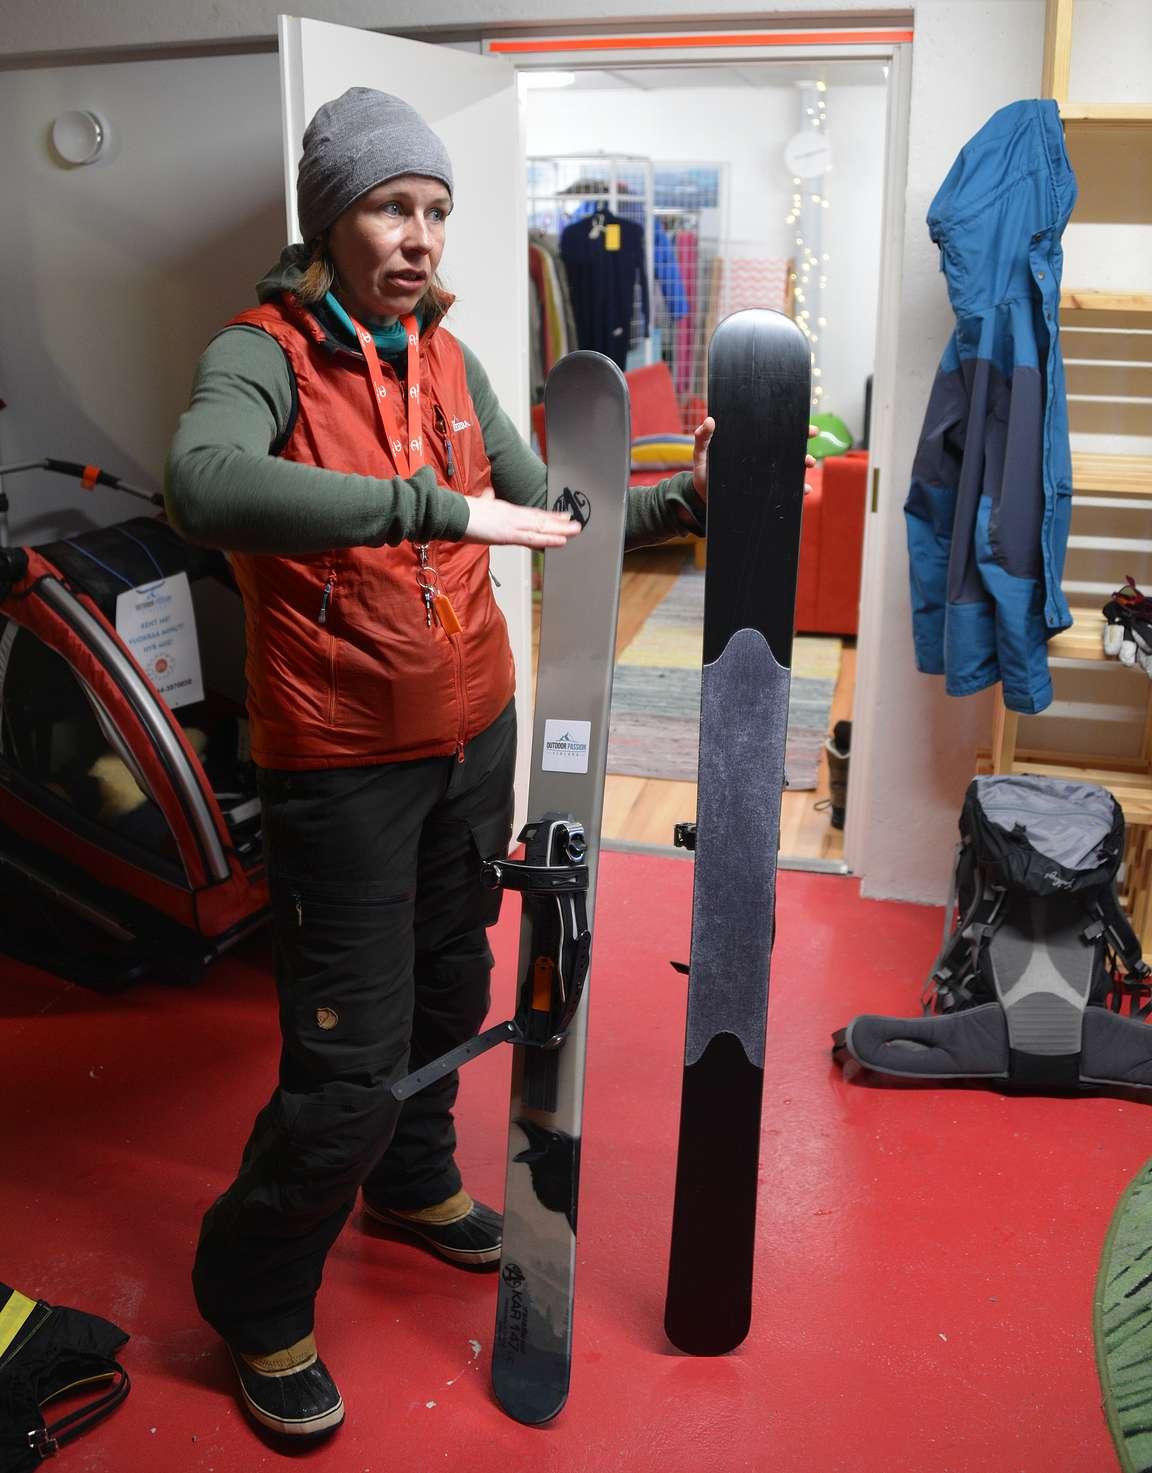 Ennen retkelle lähtöä laitettiin varusteet kuntoon Outdoor Passion Finlandin toimistolla.